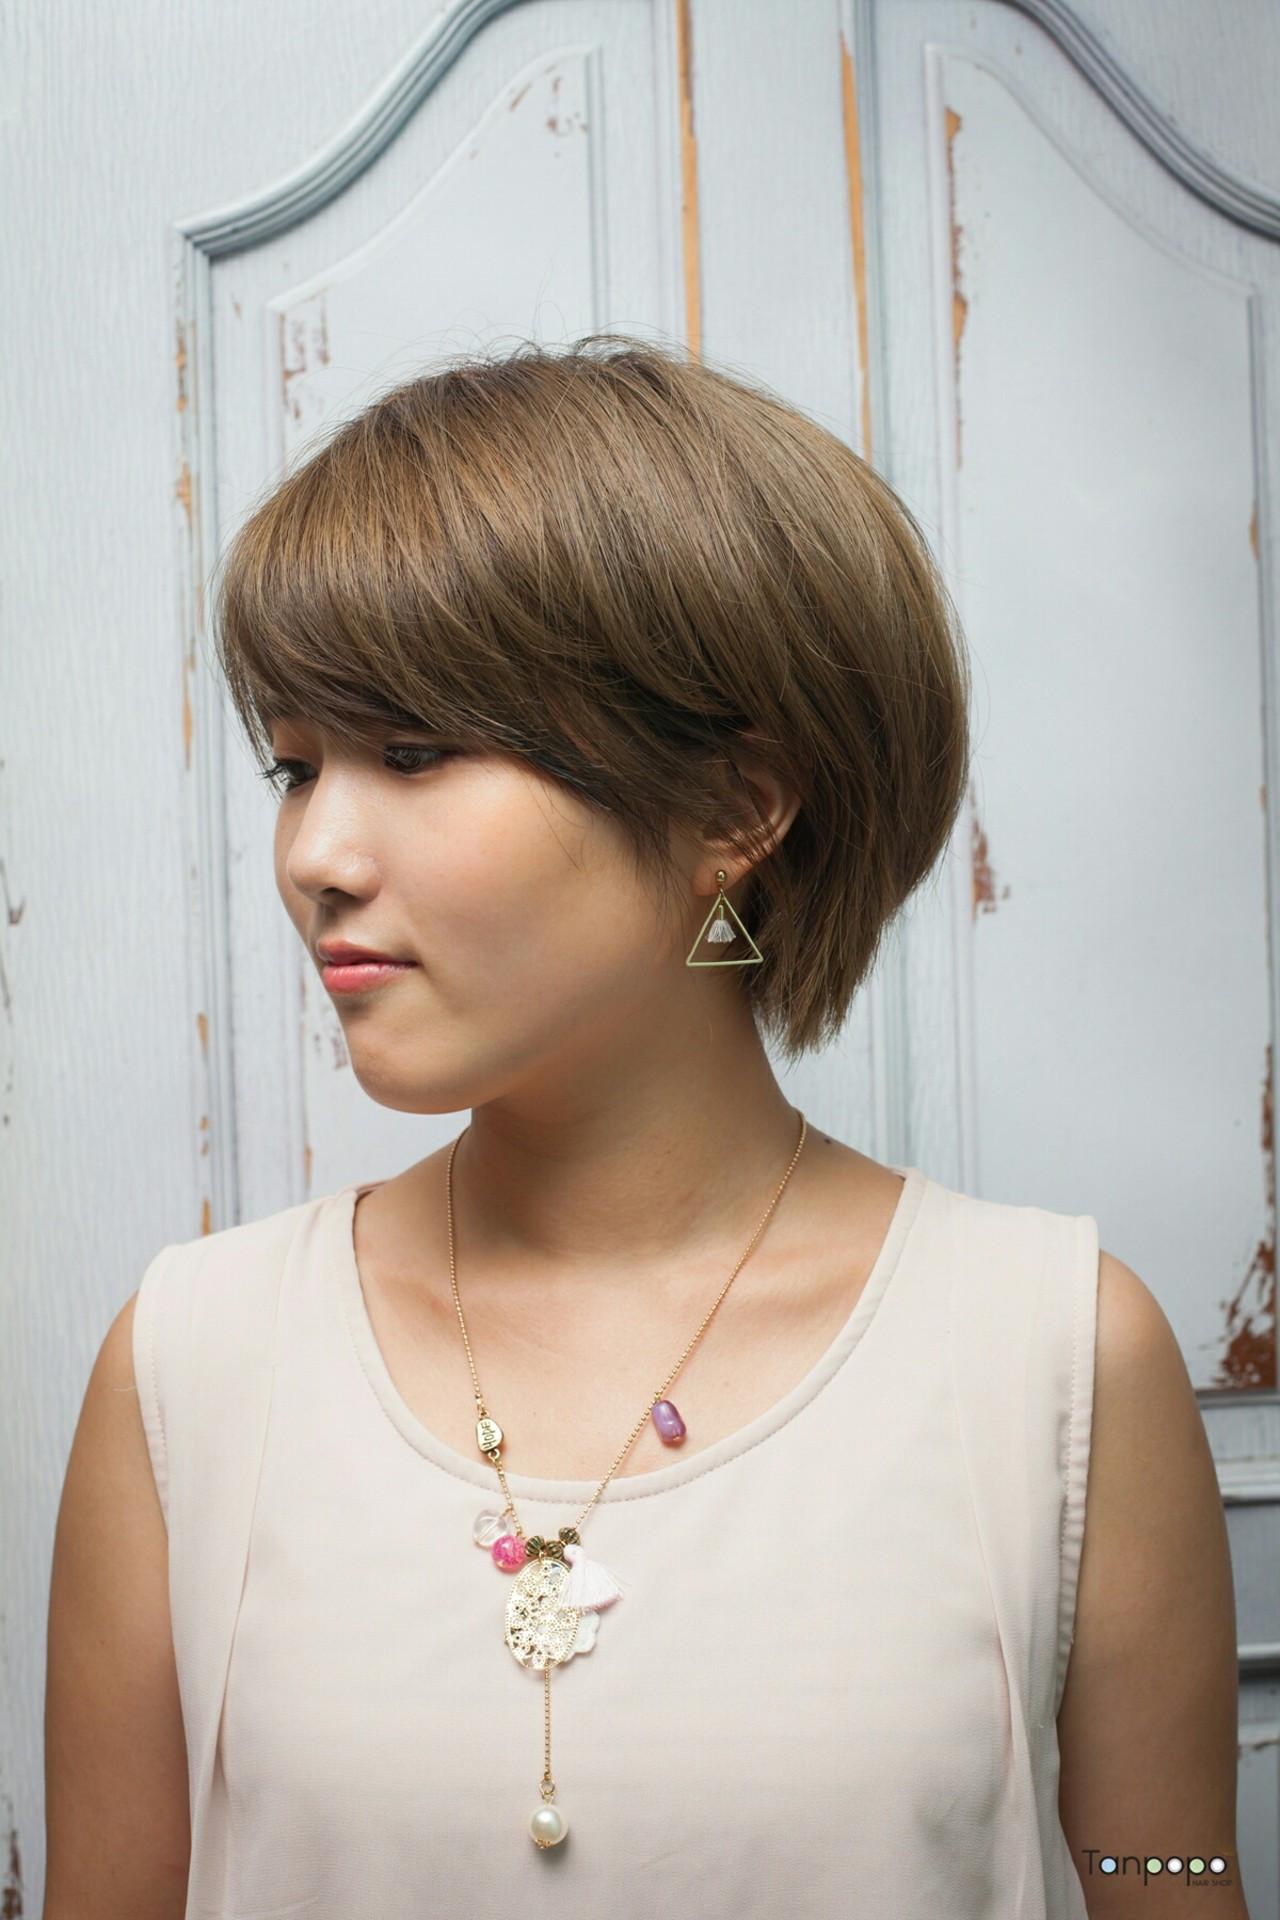 丸いフォルムでつくる☆小顔見せワンランクアップヘア 韓国のゴヨンジュ